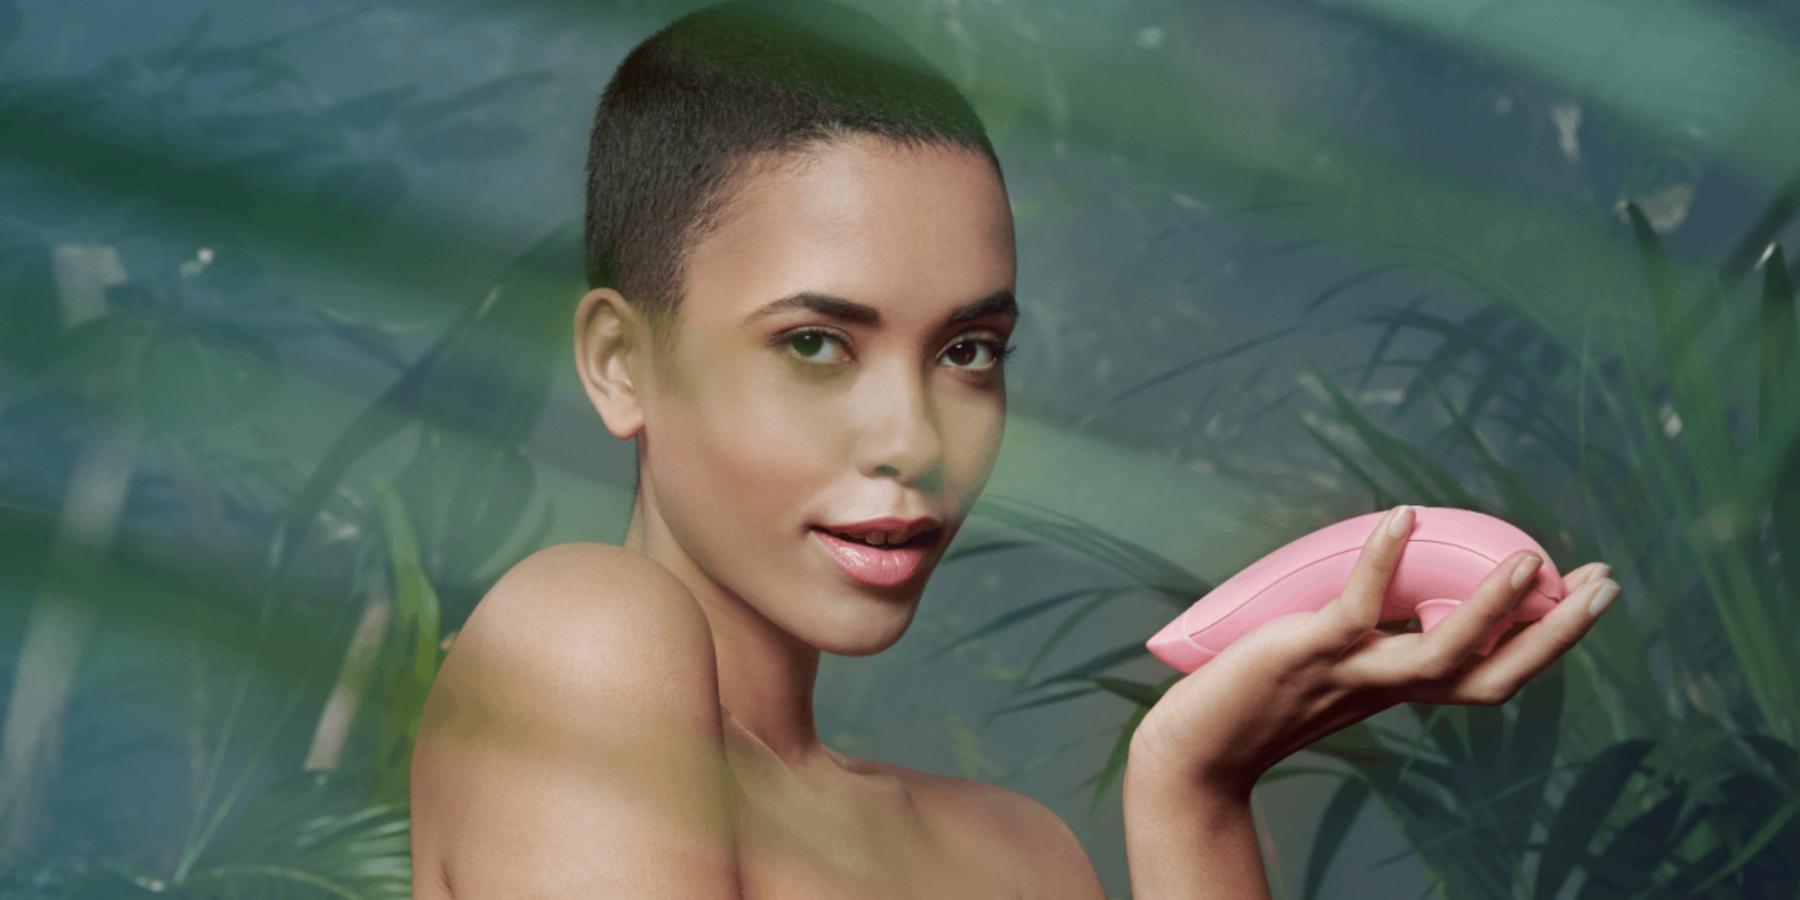 Pierwszy biodegradowalny stymulator erotyczny. Branża zabawek erotycznych stawia naekologię?